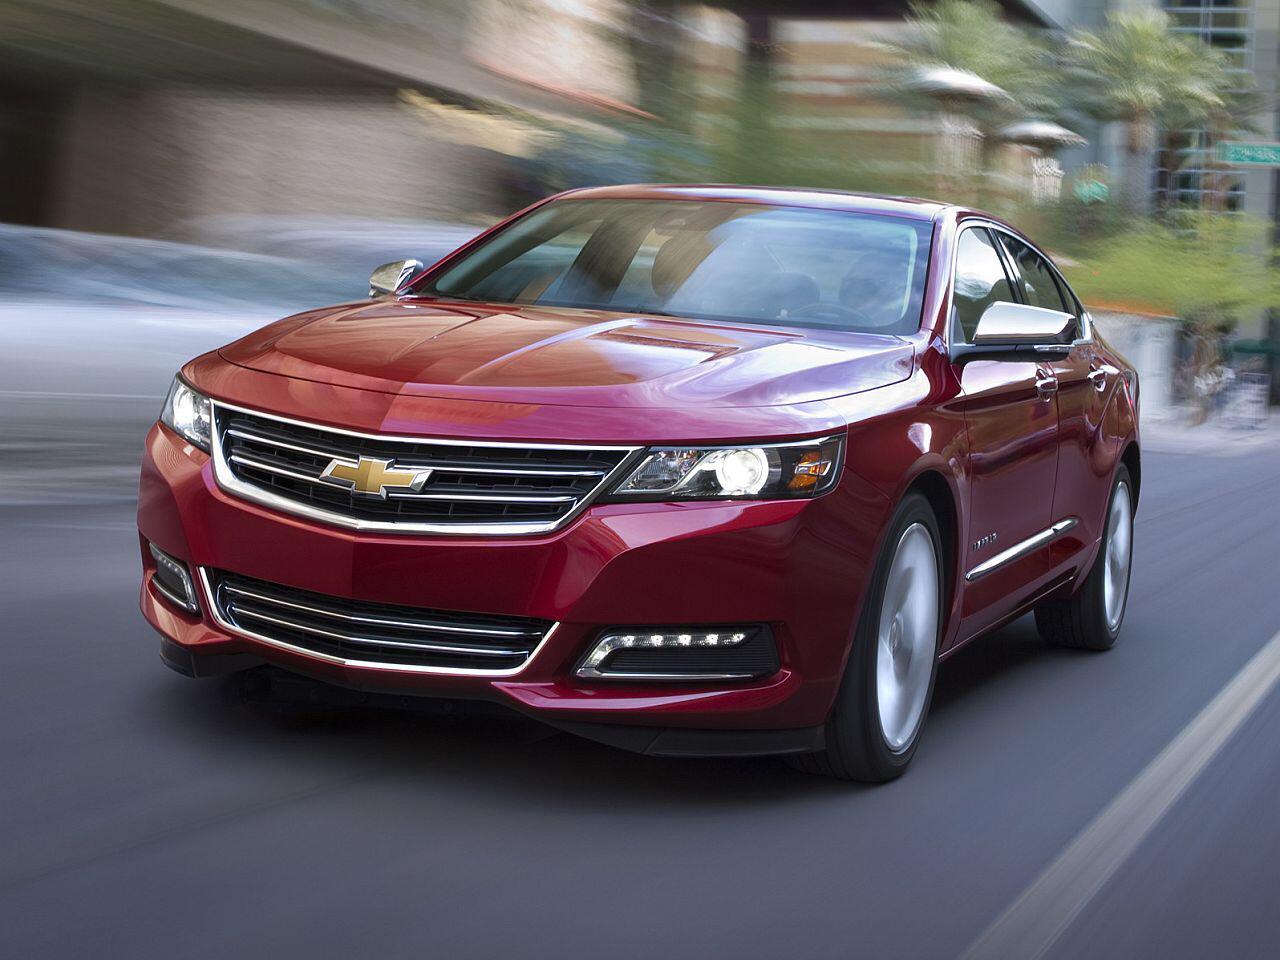 Bild zu Platz 6: Chevrolet Impala